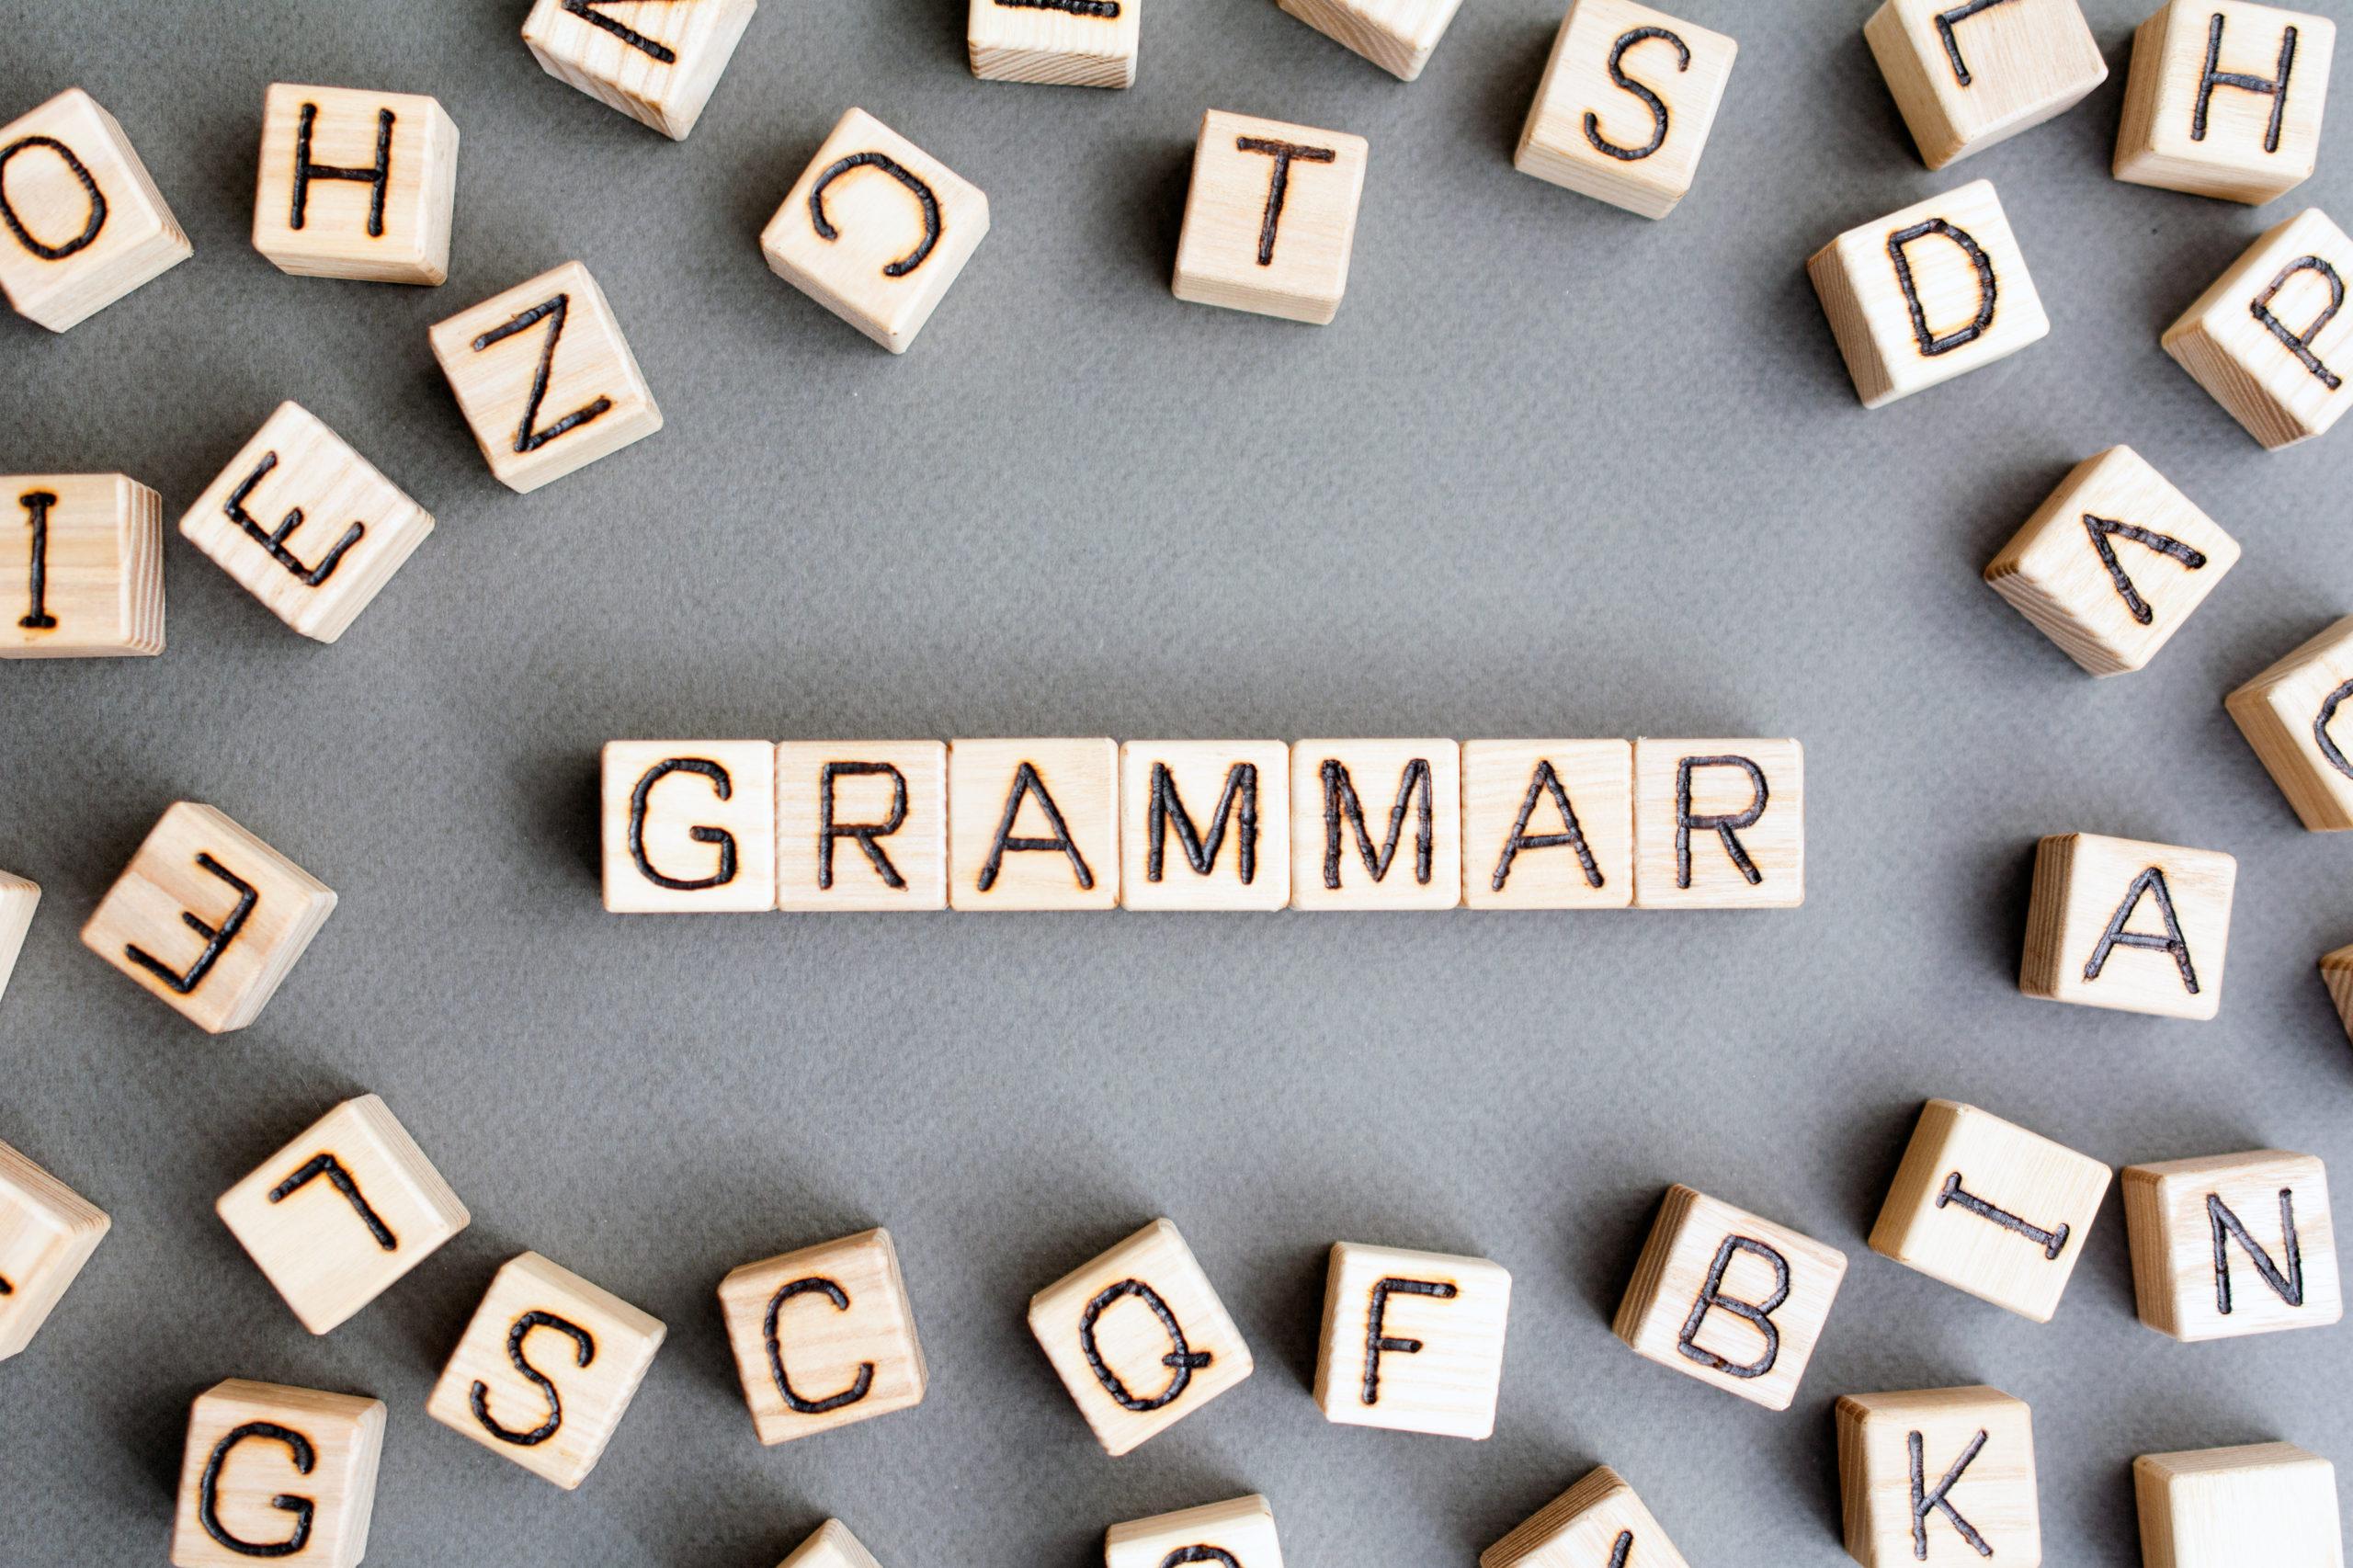 Deutschen lernen A1 Grammatik